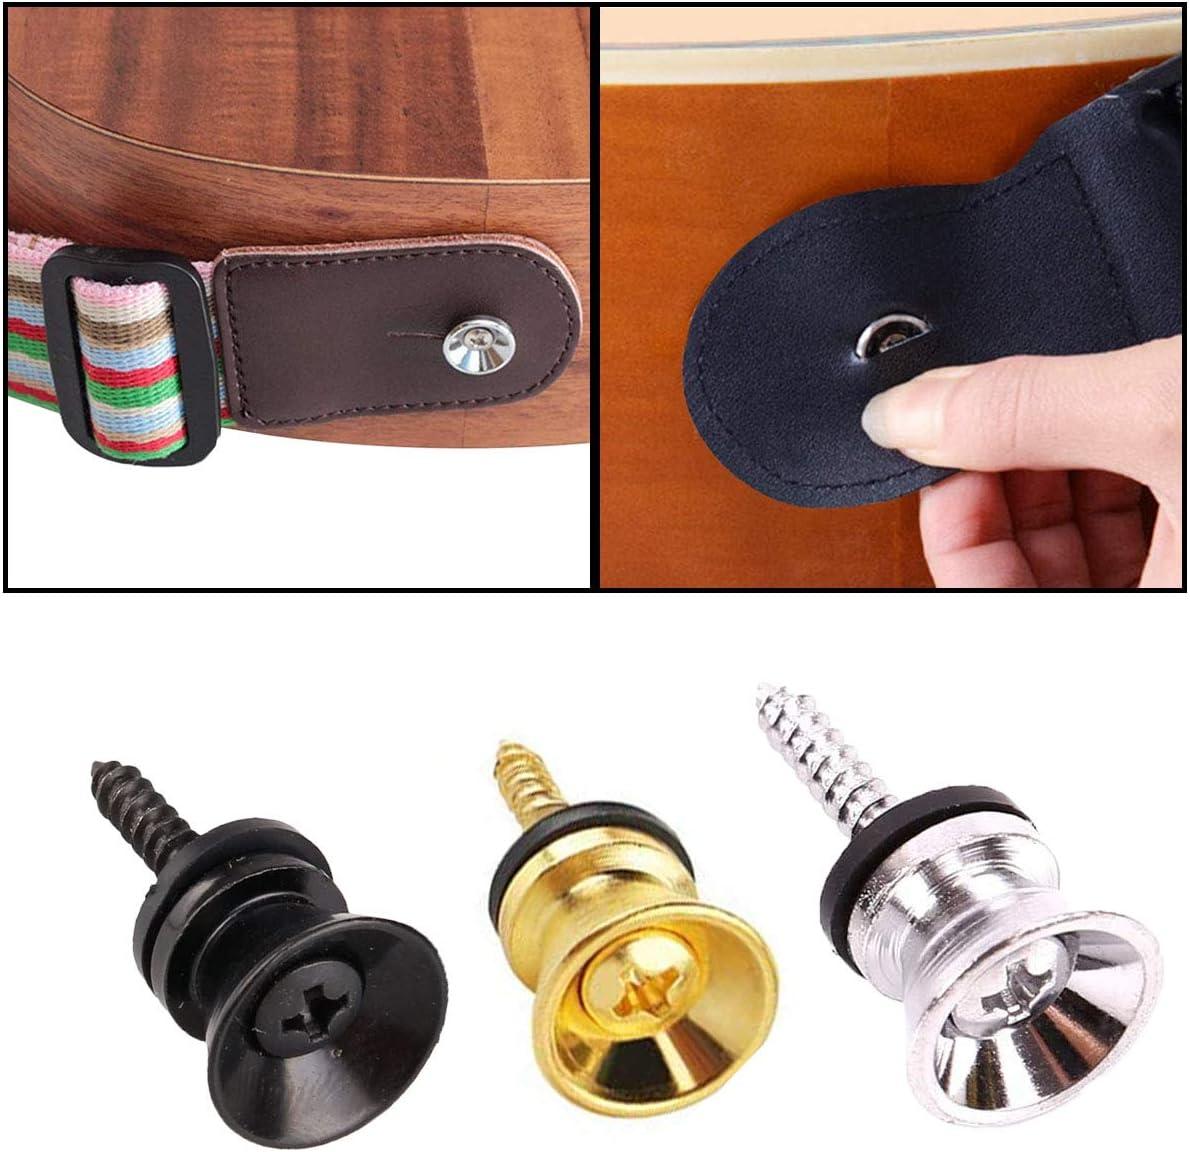 noir//argent//dor/é OSUTER 30PCS Verrou de Sangle de Guitare en M/étal Bouton Sangle Guitare Classique Guitare Sangle Lock pour Guitare Acoustique Electrique Basse